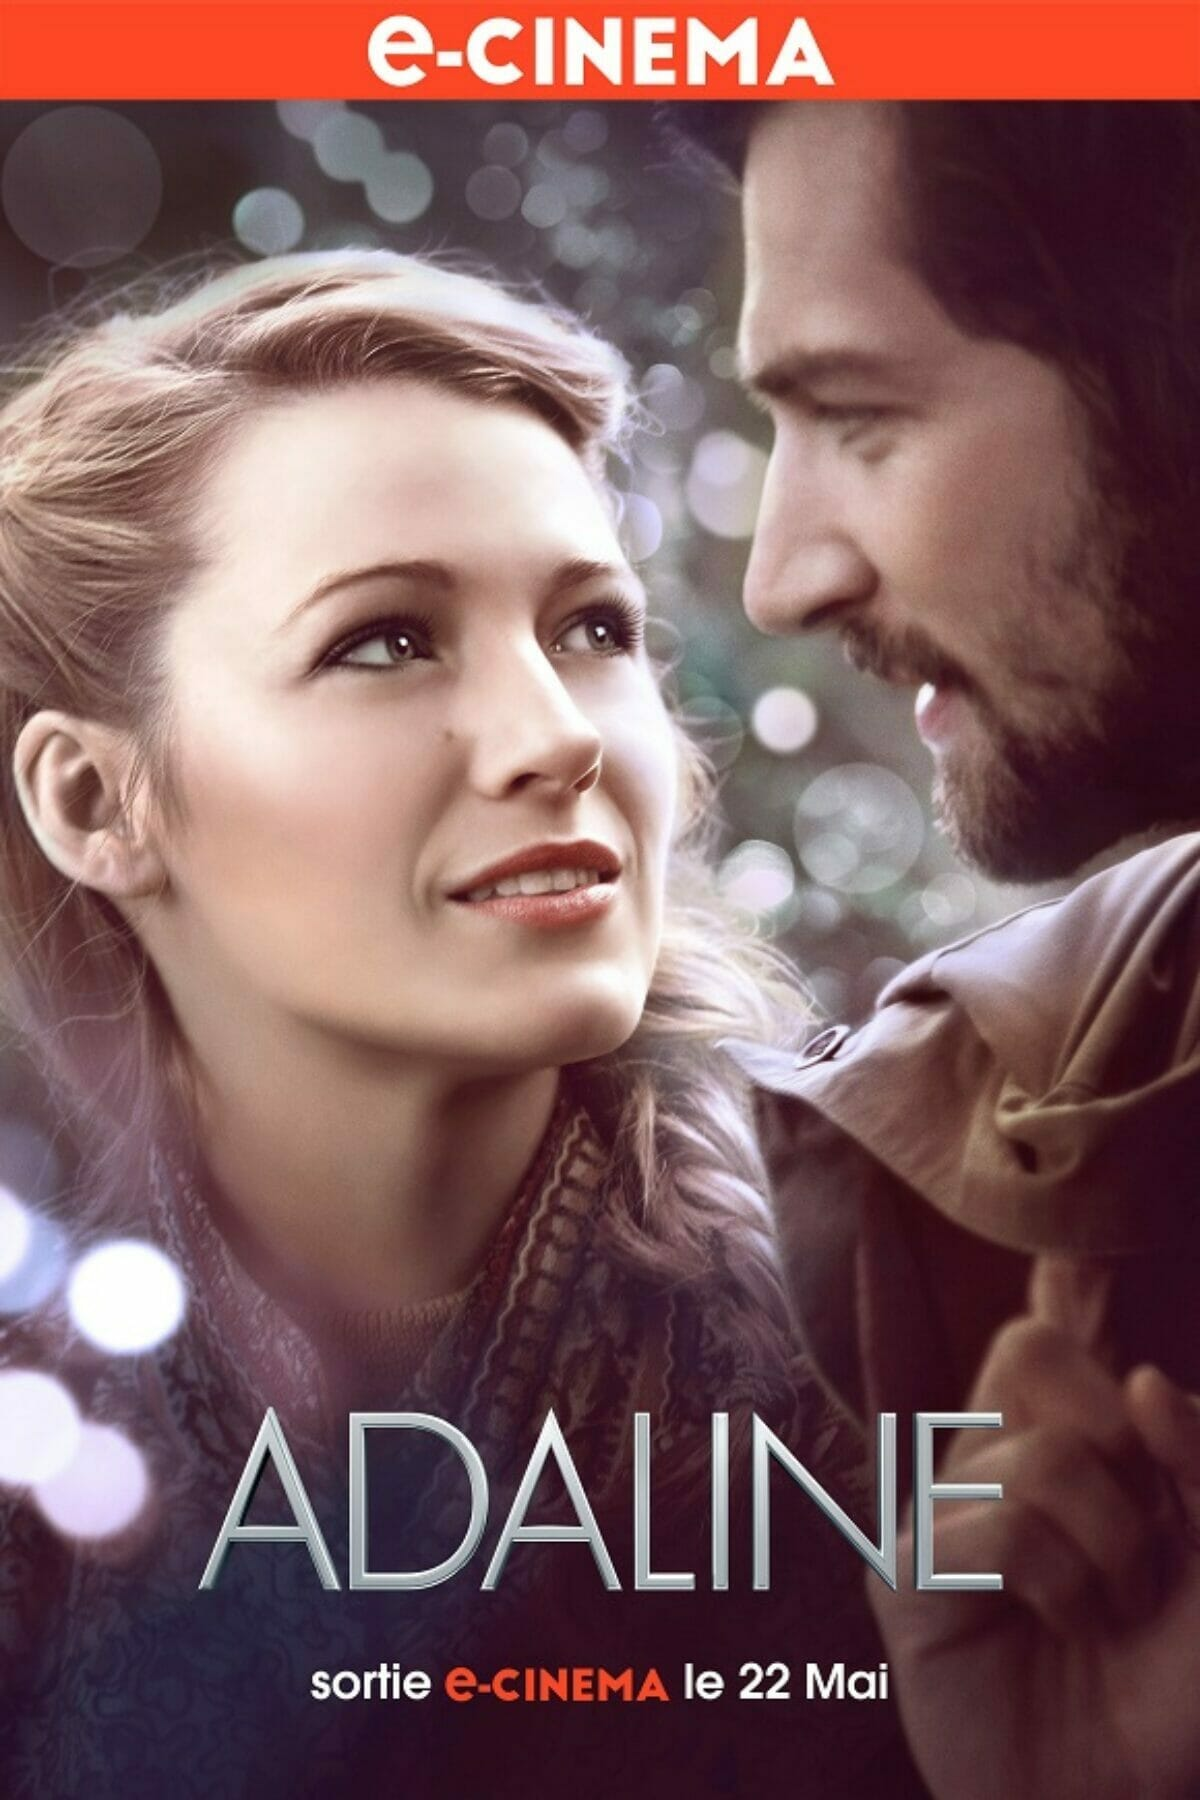 Adaline-poster-France